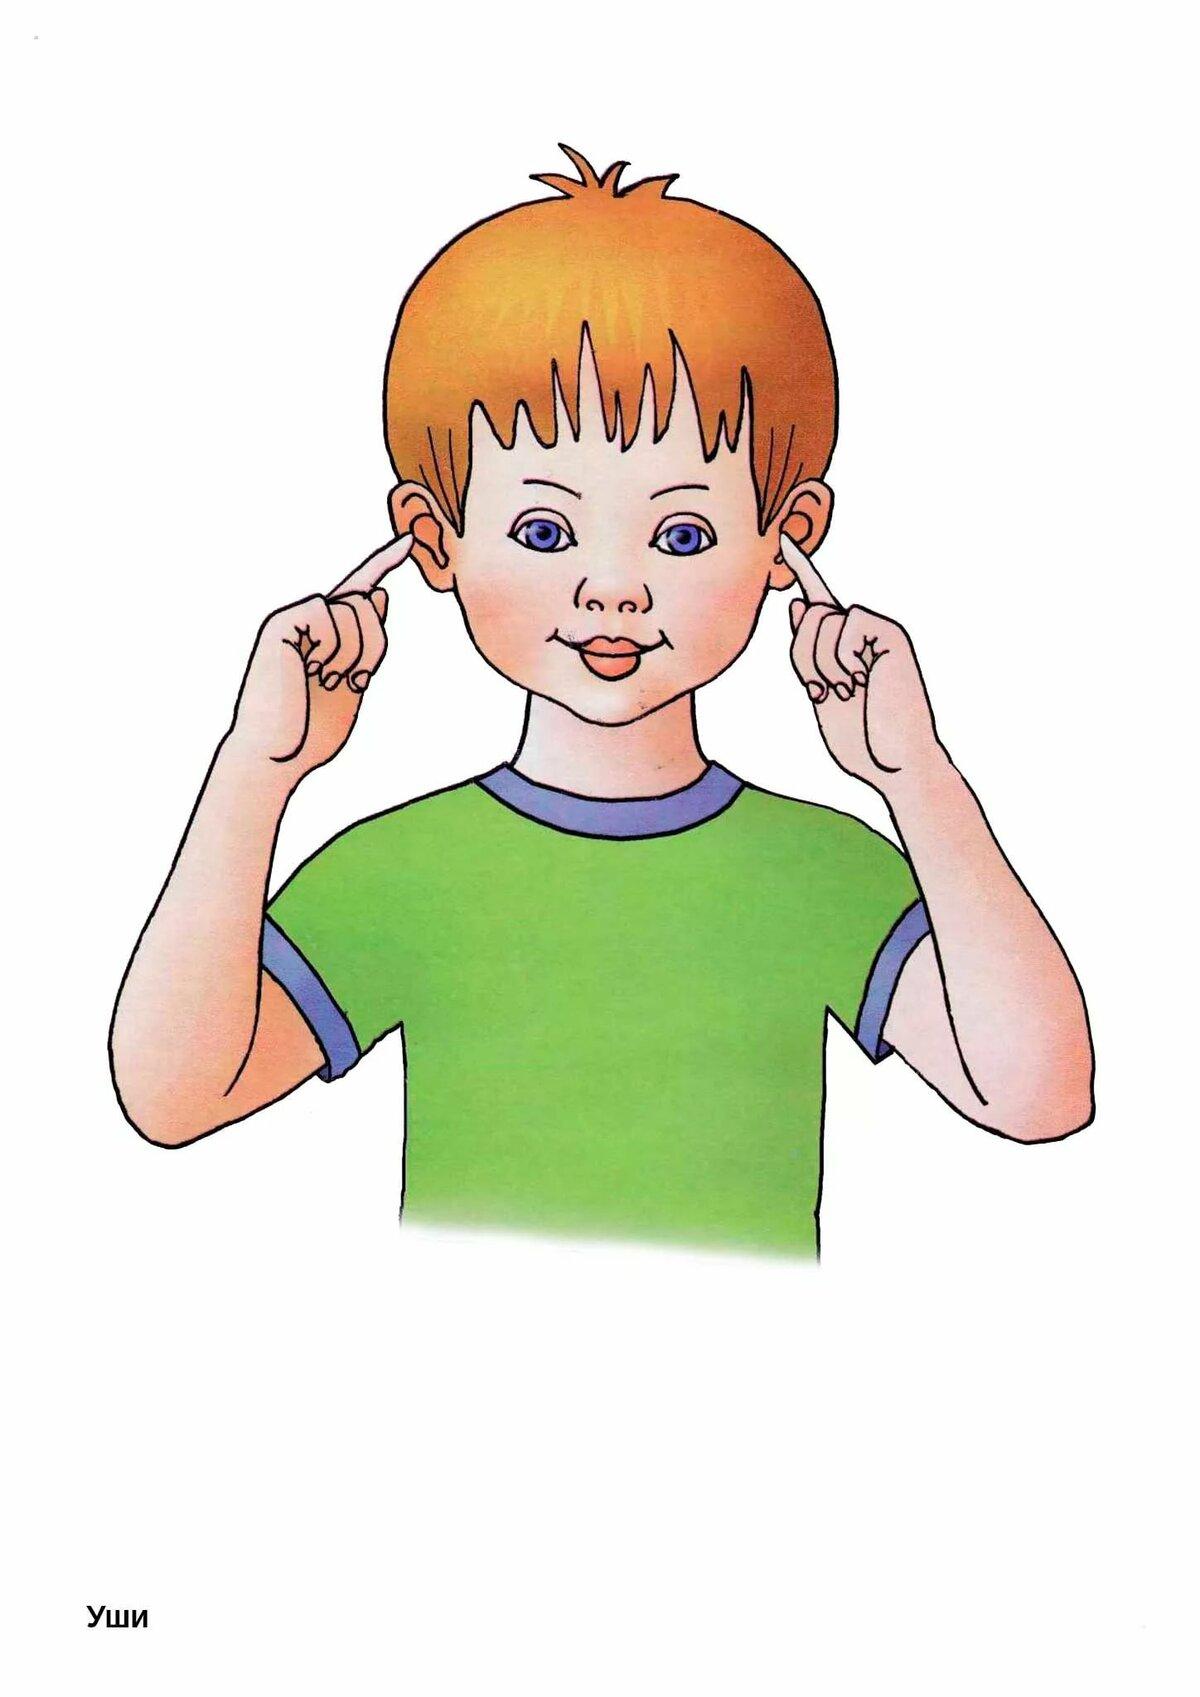 Картинки человек для дошкольников